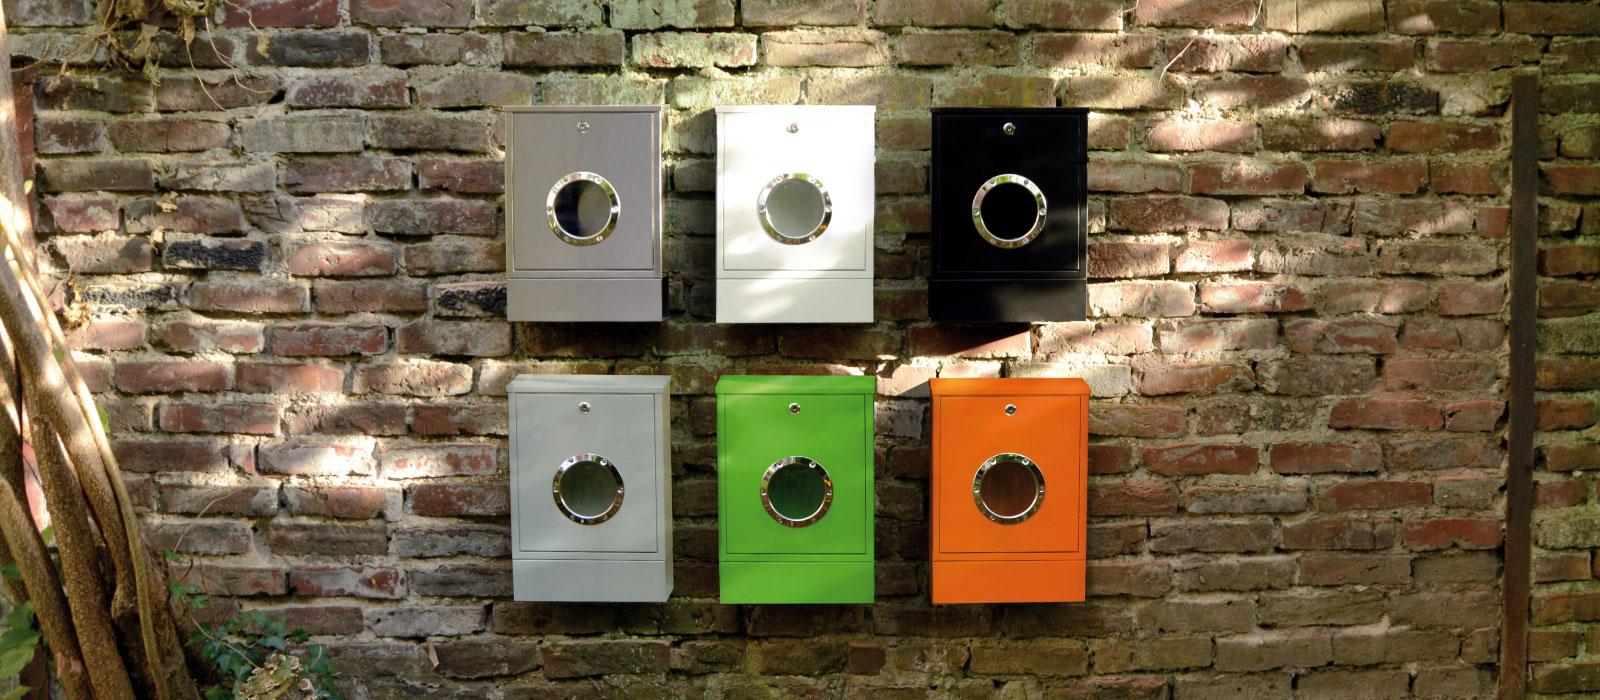 Briefkasten Lettermann radius design briefkasten letterman mini kaufen